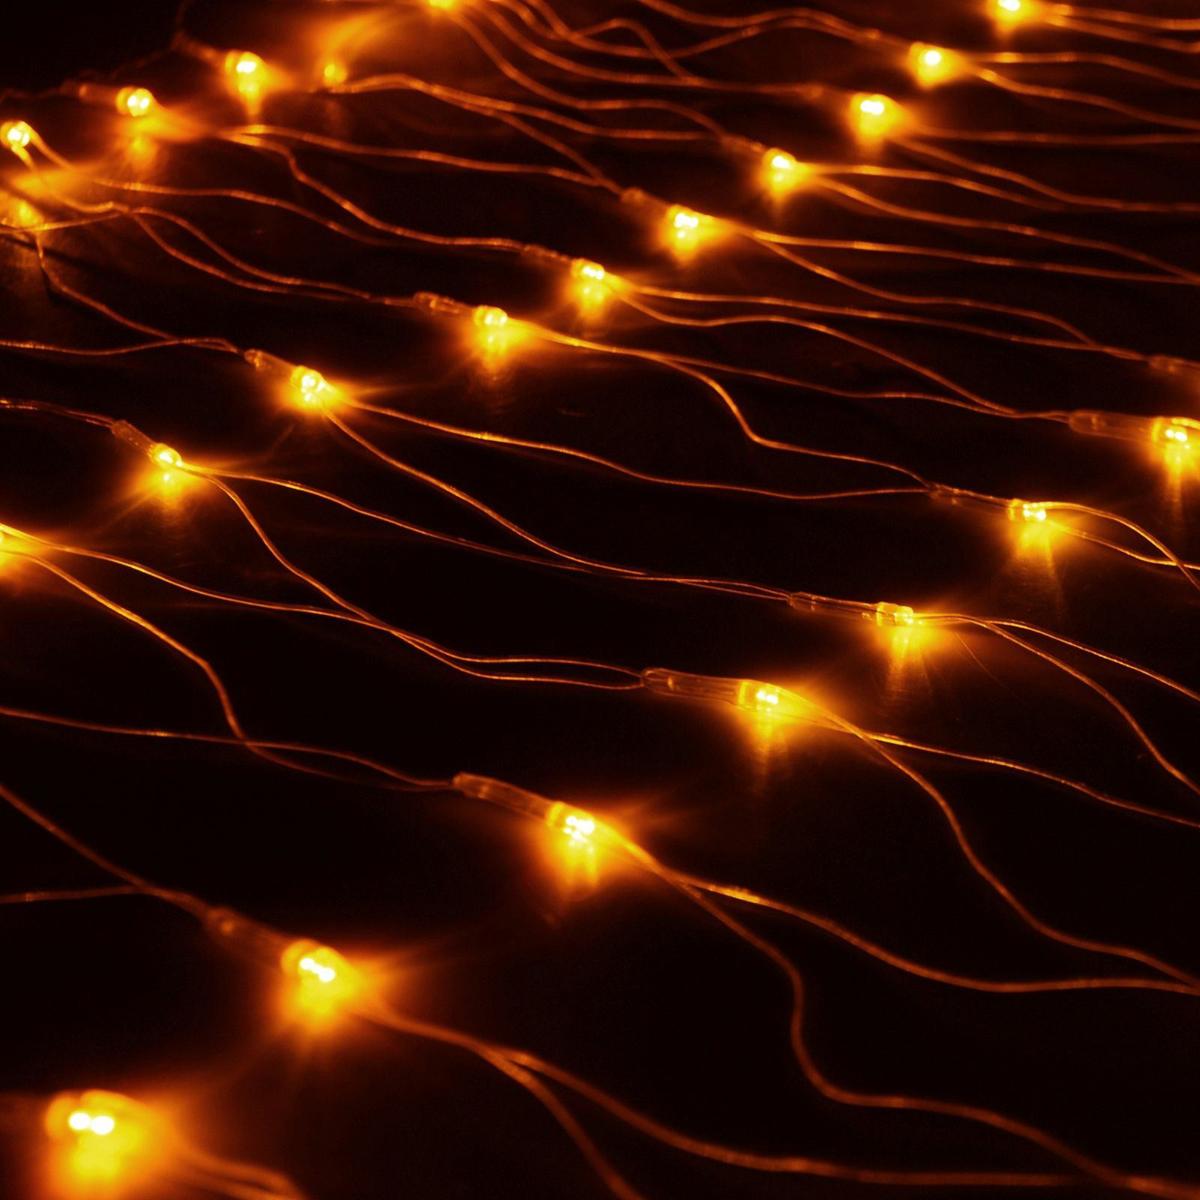 Гирлянда Luazon Сетка, длина 0,7 м, LED 96 ламп, 220V, цвет: желтый. 187195 гирлянда luazon сетка 1x0 7m led 96 220v 1080485